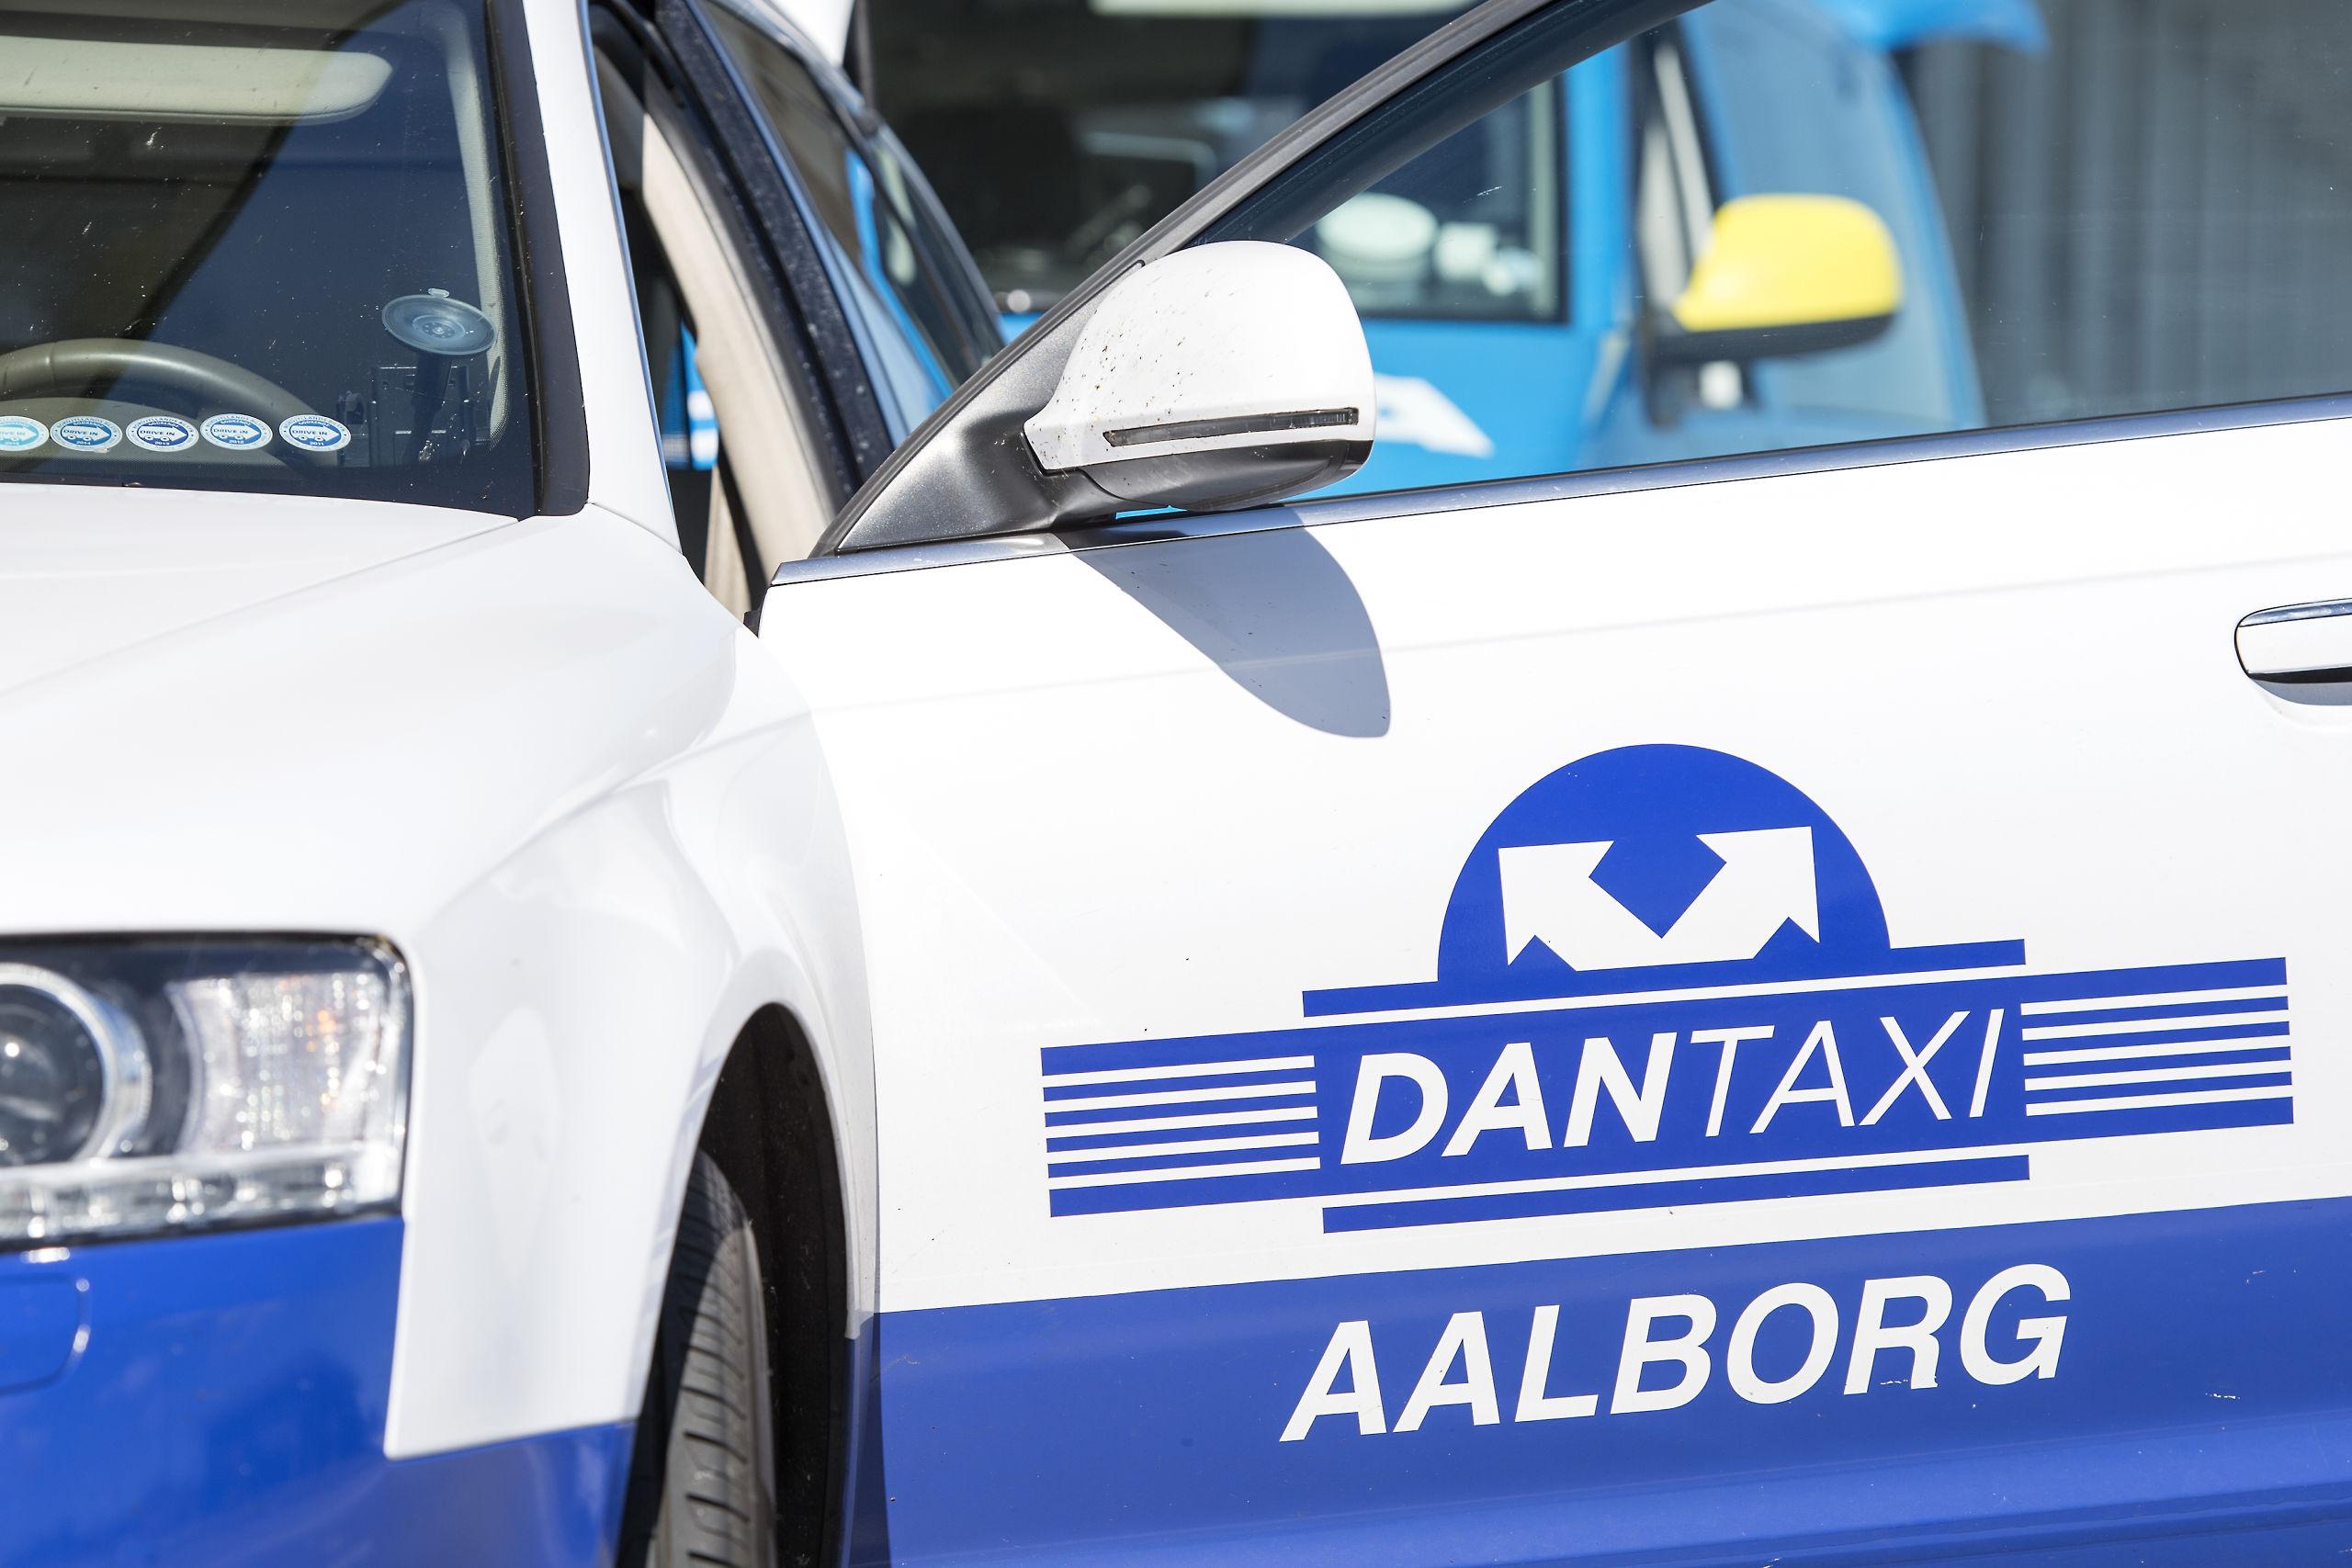 Dantaxi i Aalborg har f.eks. nytårsaften et sted mellem 130 og 140 taxier på gaden til at køre folk hjem efter en glad og måske våd aften og nat. Arkivfoto: Andreas Falck